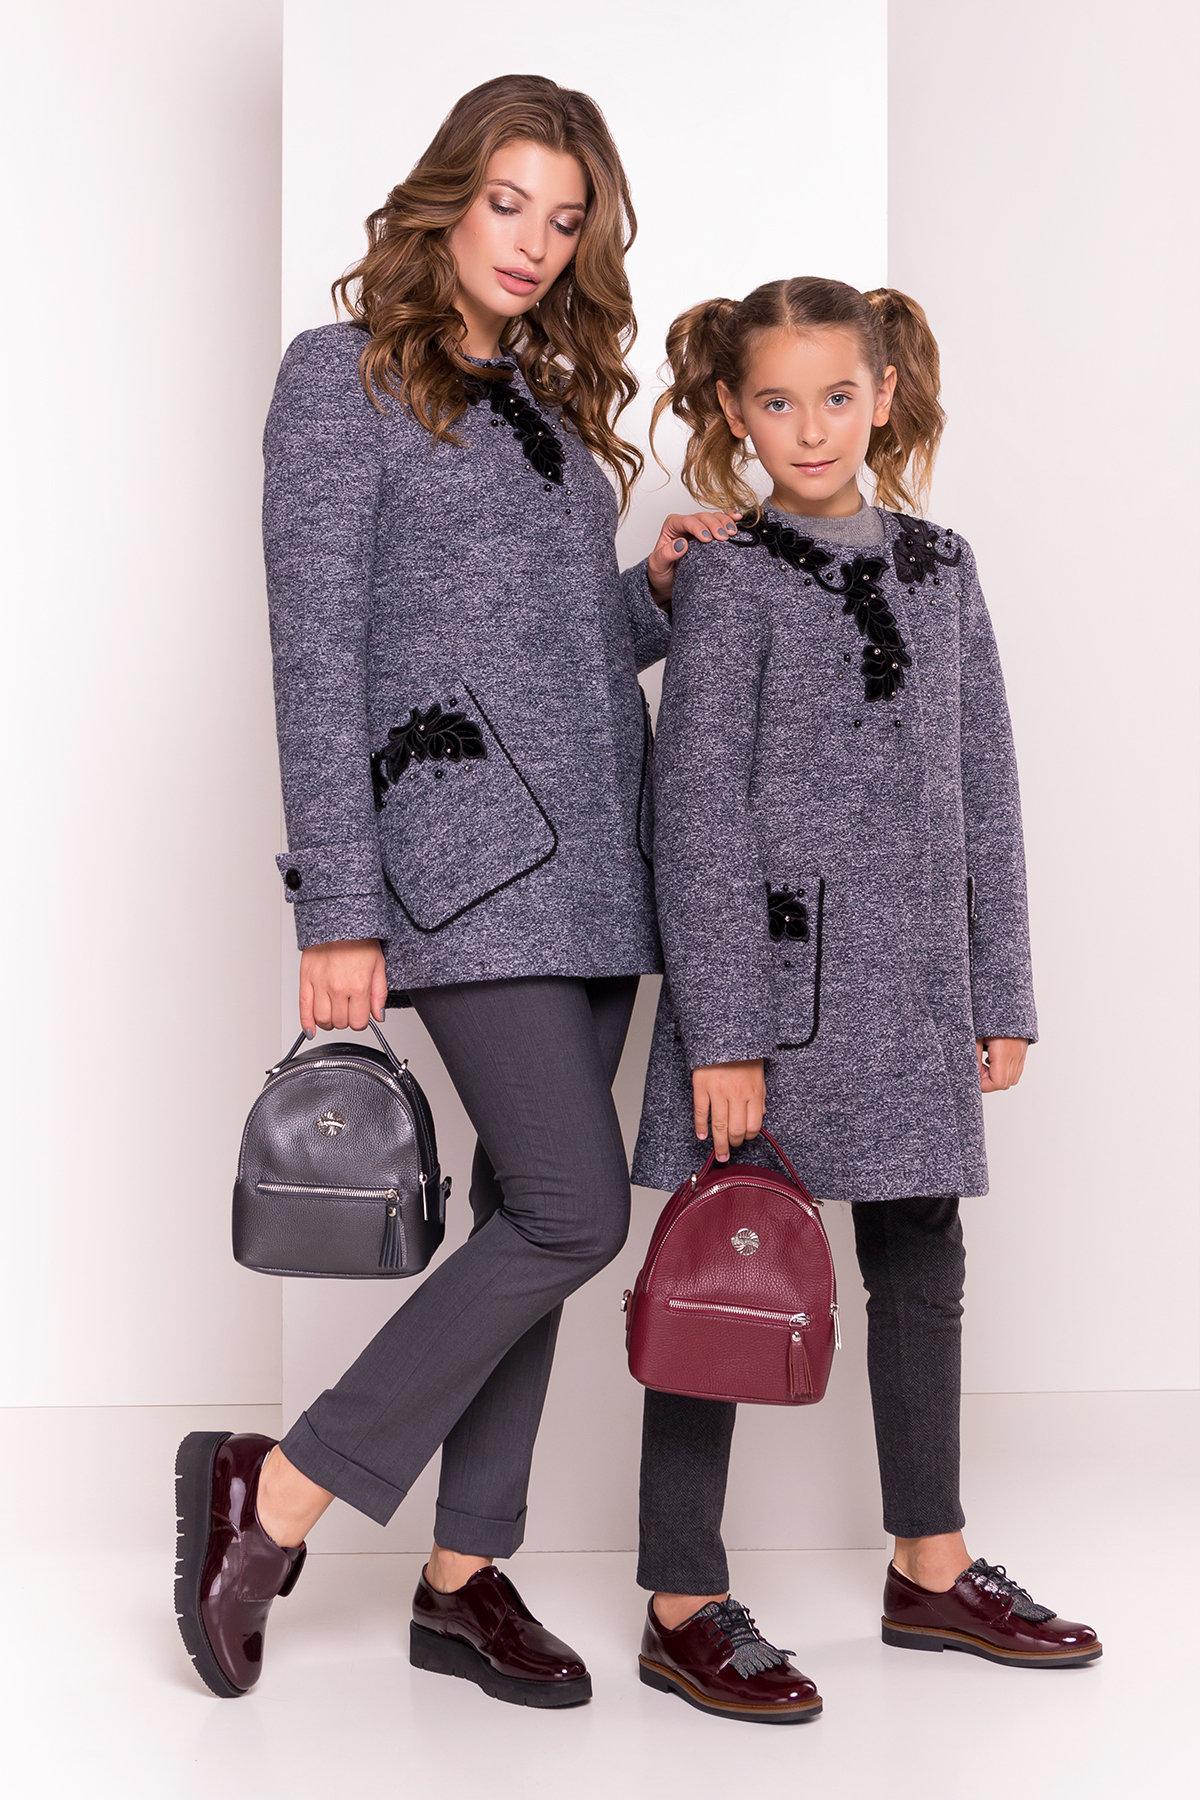 Пальто Латта 5328 АРТ. 36539 Цвет: Серый темный LW-22 - фото 1, интернет магазин tm-modus.ru